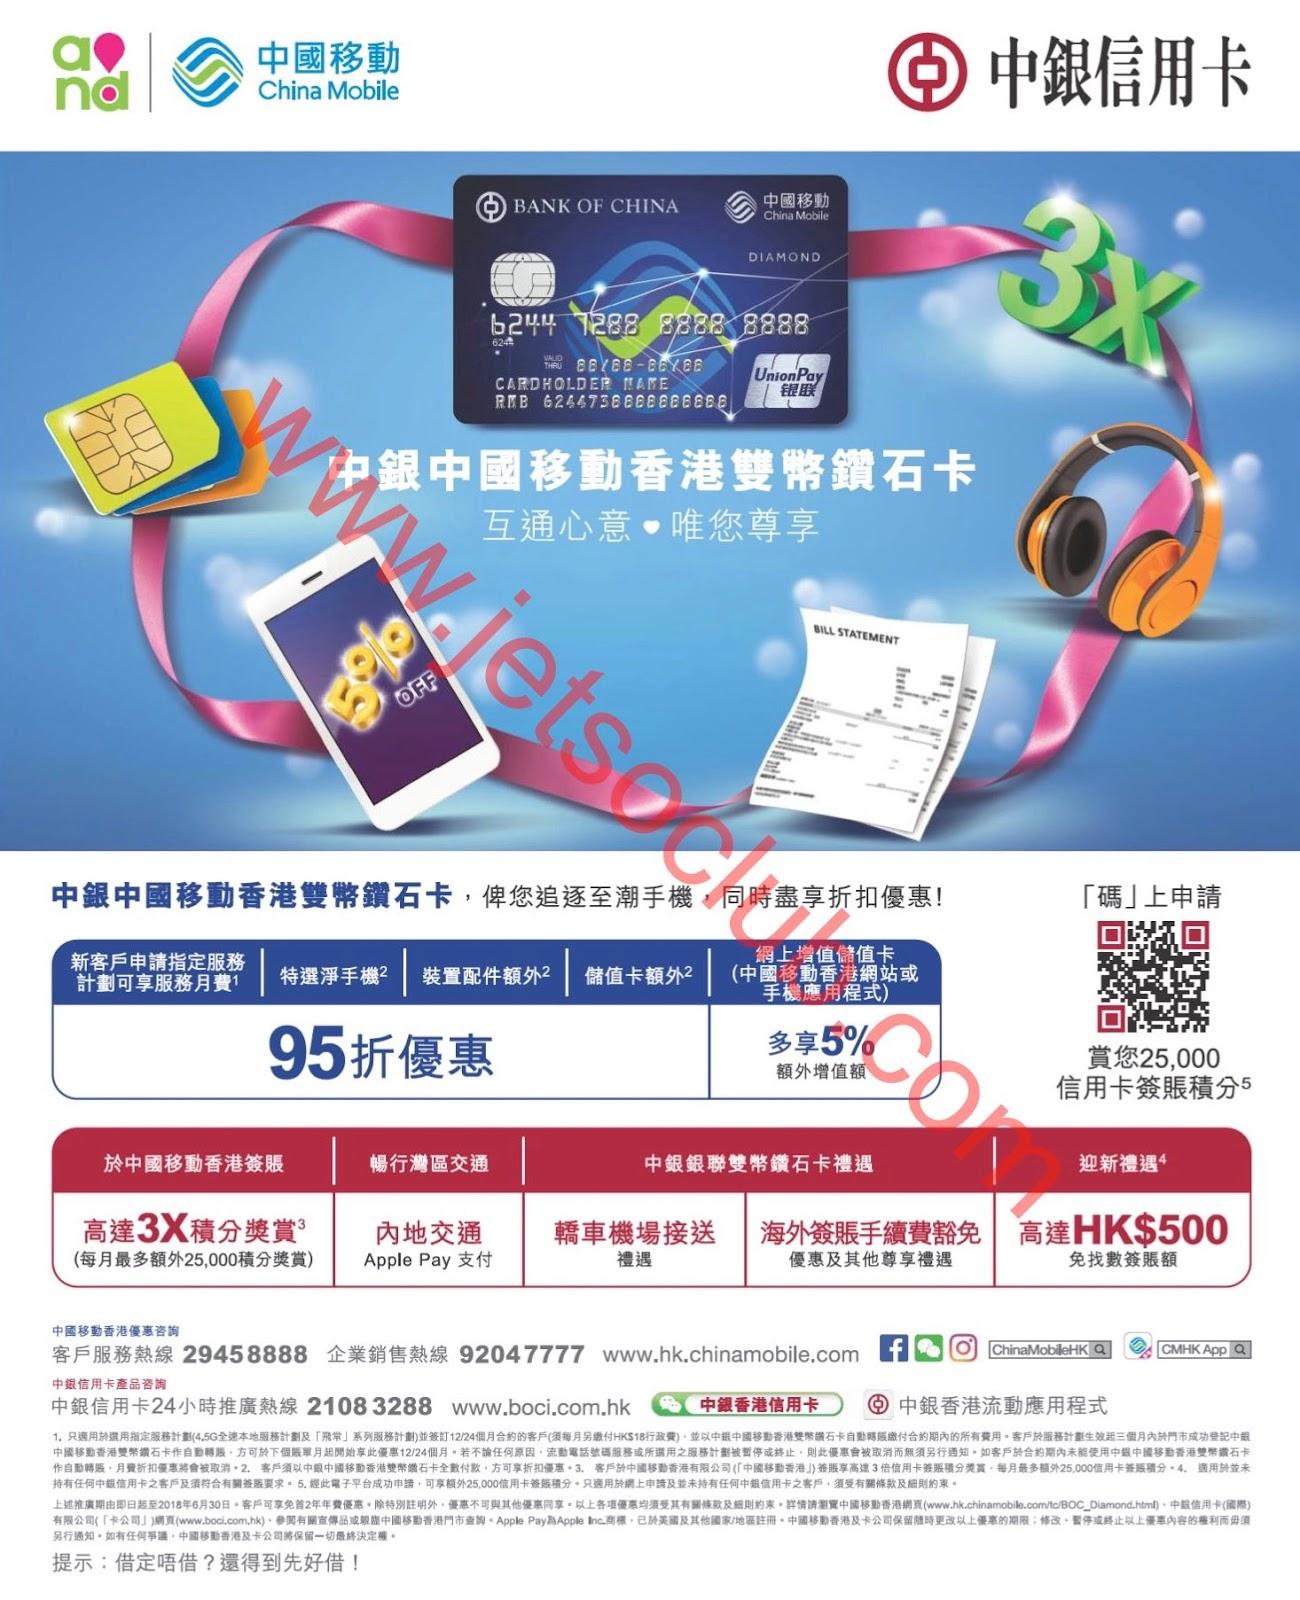 中銀中國移動香港雙幣鑽石卡:迎新禮物(至30/6/2018) ( Jetso Club 著數俱樂部 )